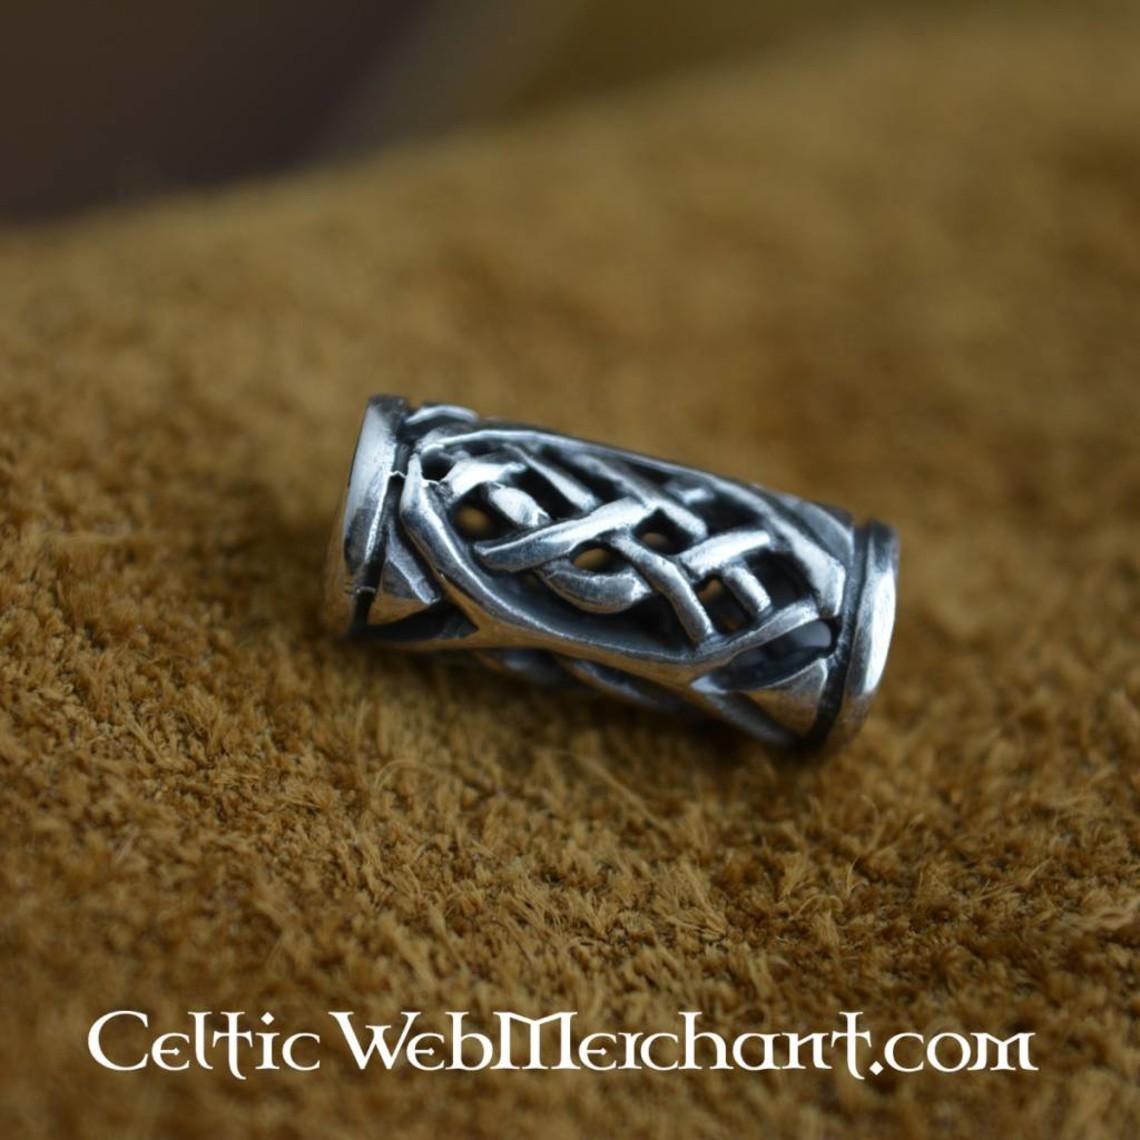 Celtica d'argento beardbead